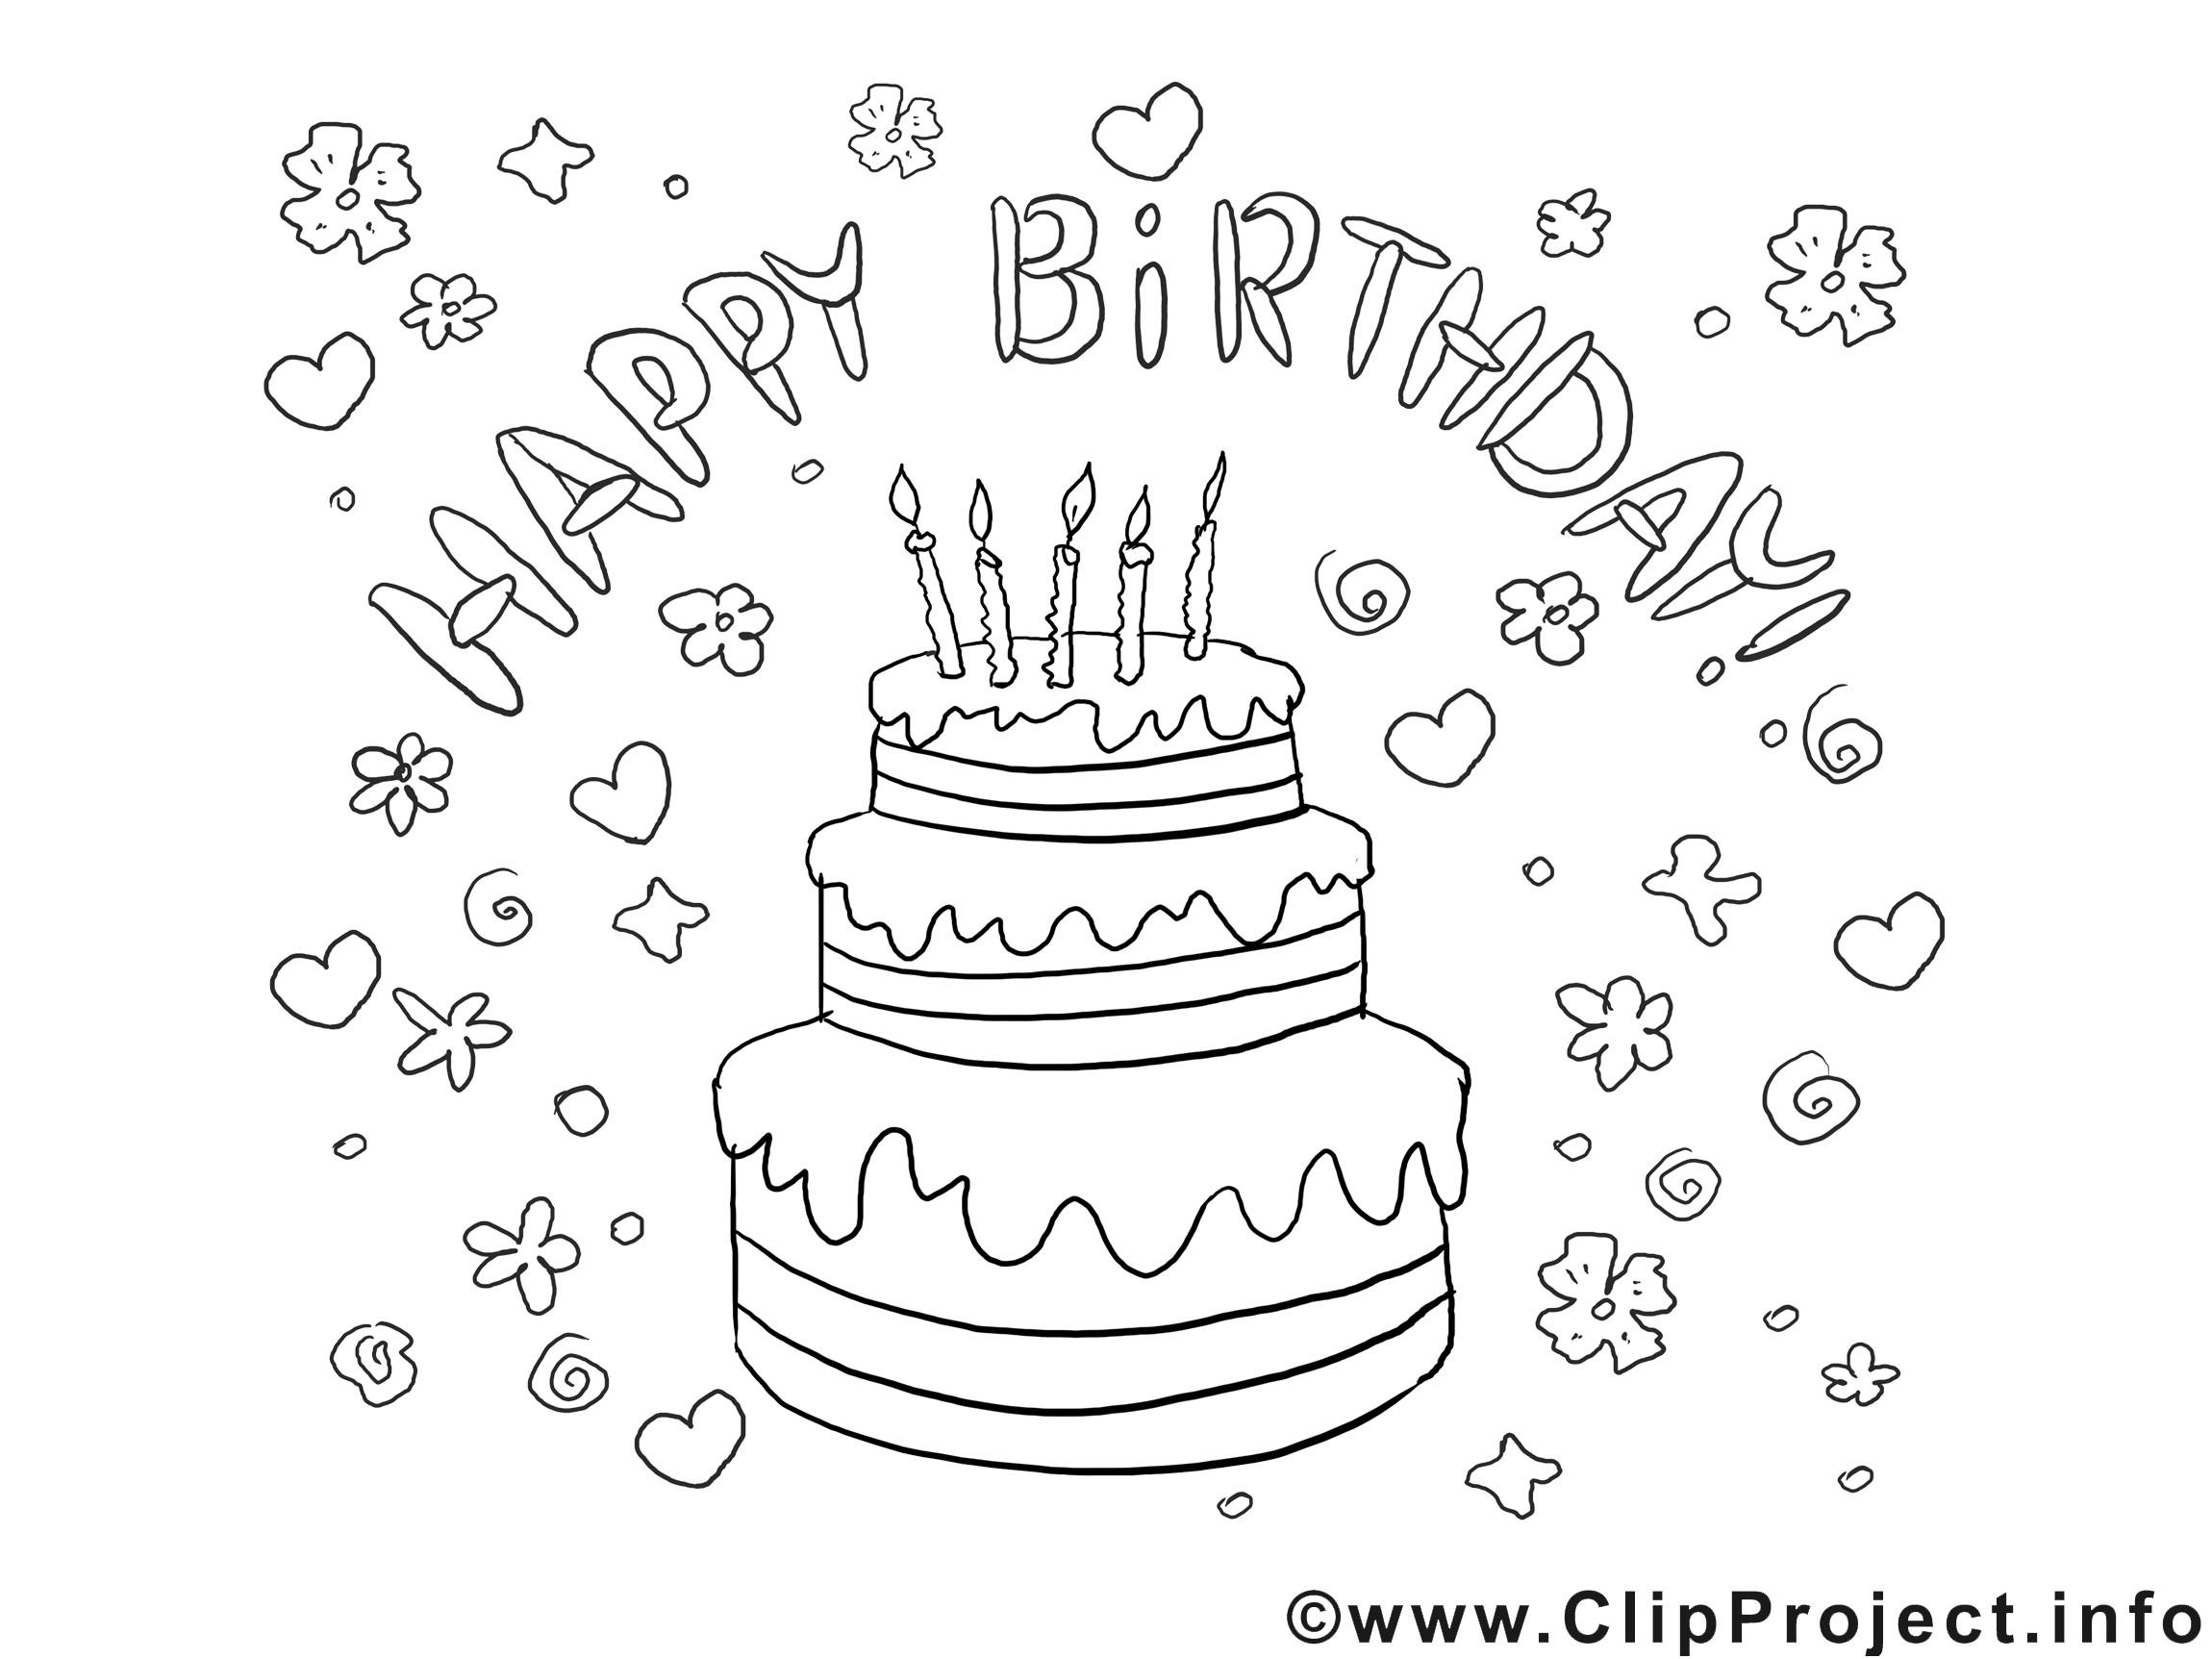 Geburtstagsbilder Zum Ausmalen  Bild zum Ausmalen Geburtstag